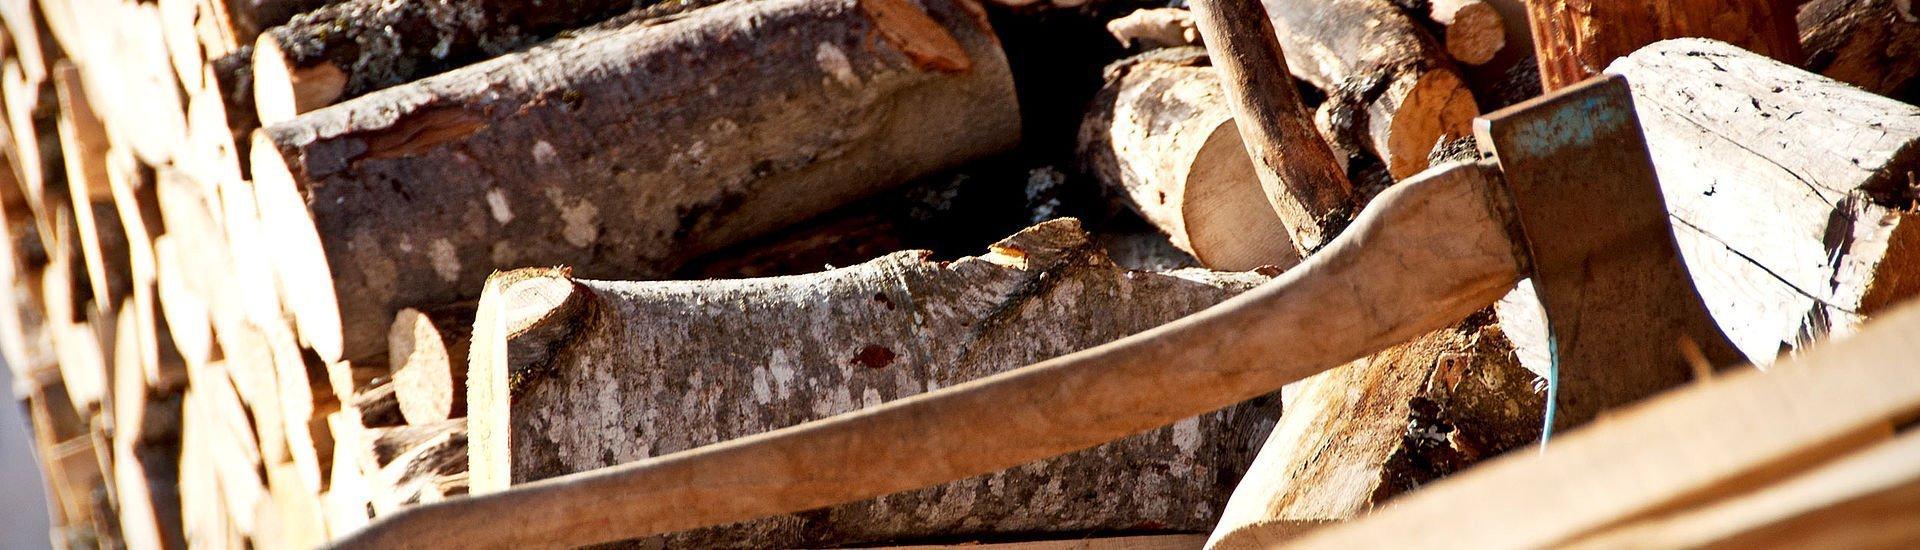 Holz für den Hüttenurlaub | Saalbach